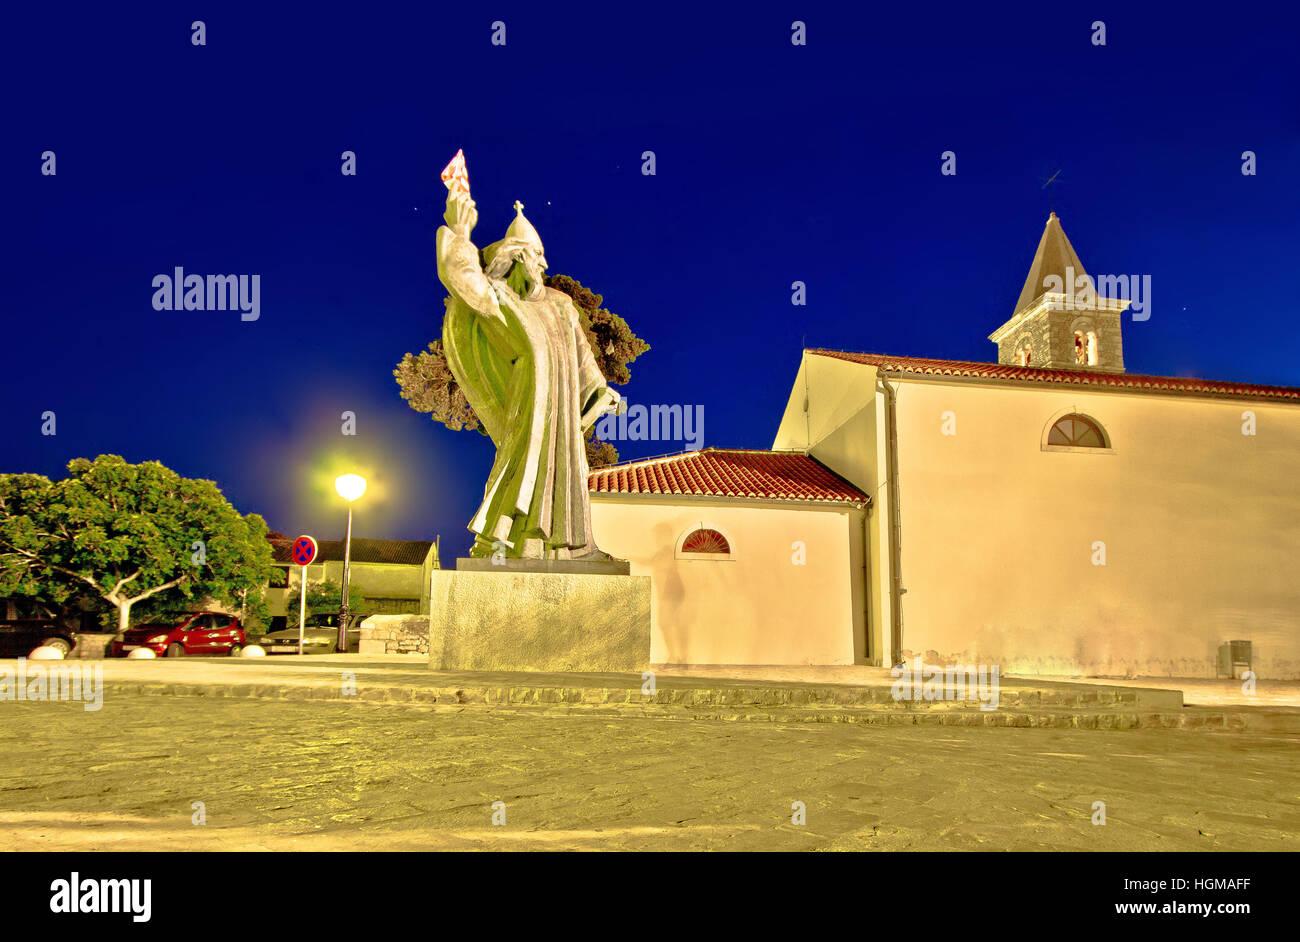 Grgur Ninski estatua en la ciudad de Nin, Dalmacia, Croacia Foto de stock